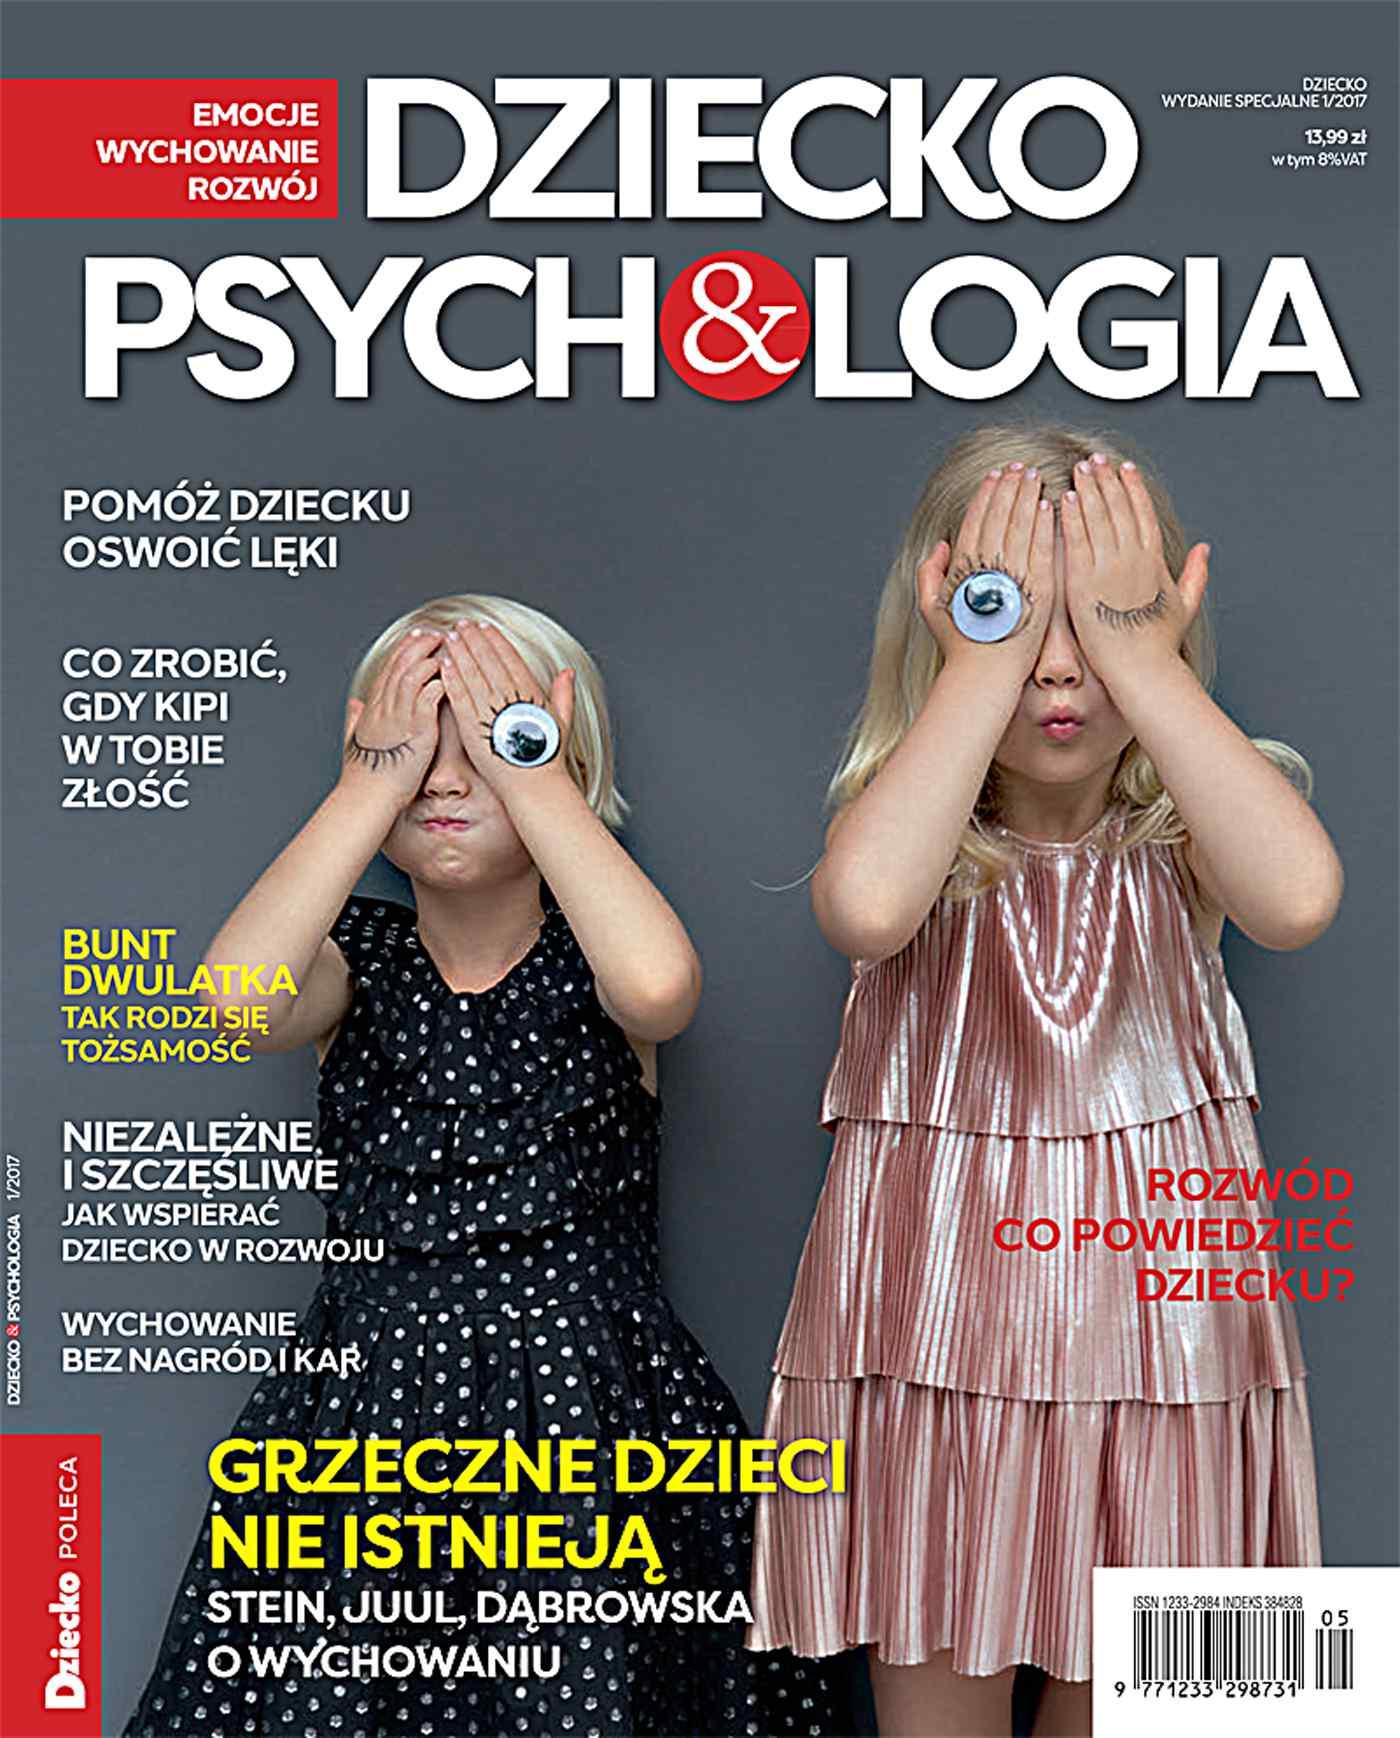 Dziecko & Psychologia. Dziecko. Wydanie Specjalne  1/2017 - Ebook (Książka PDF) do pobrania w formacie PDF